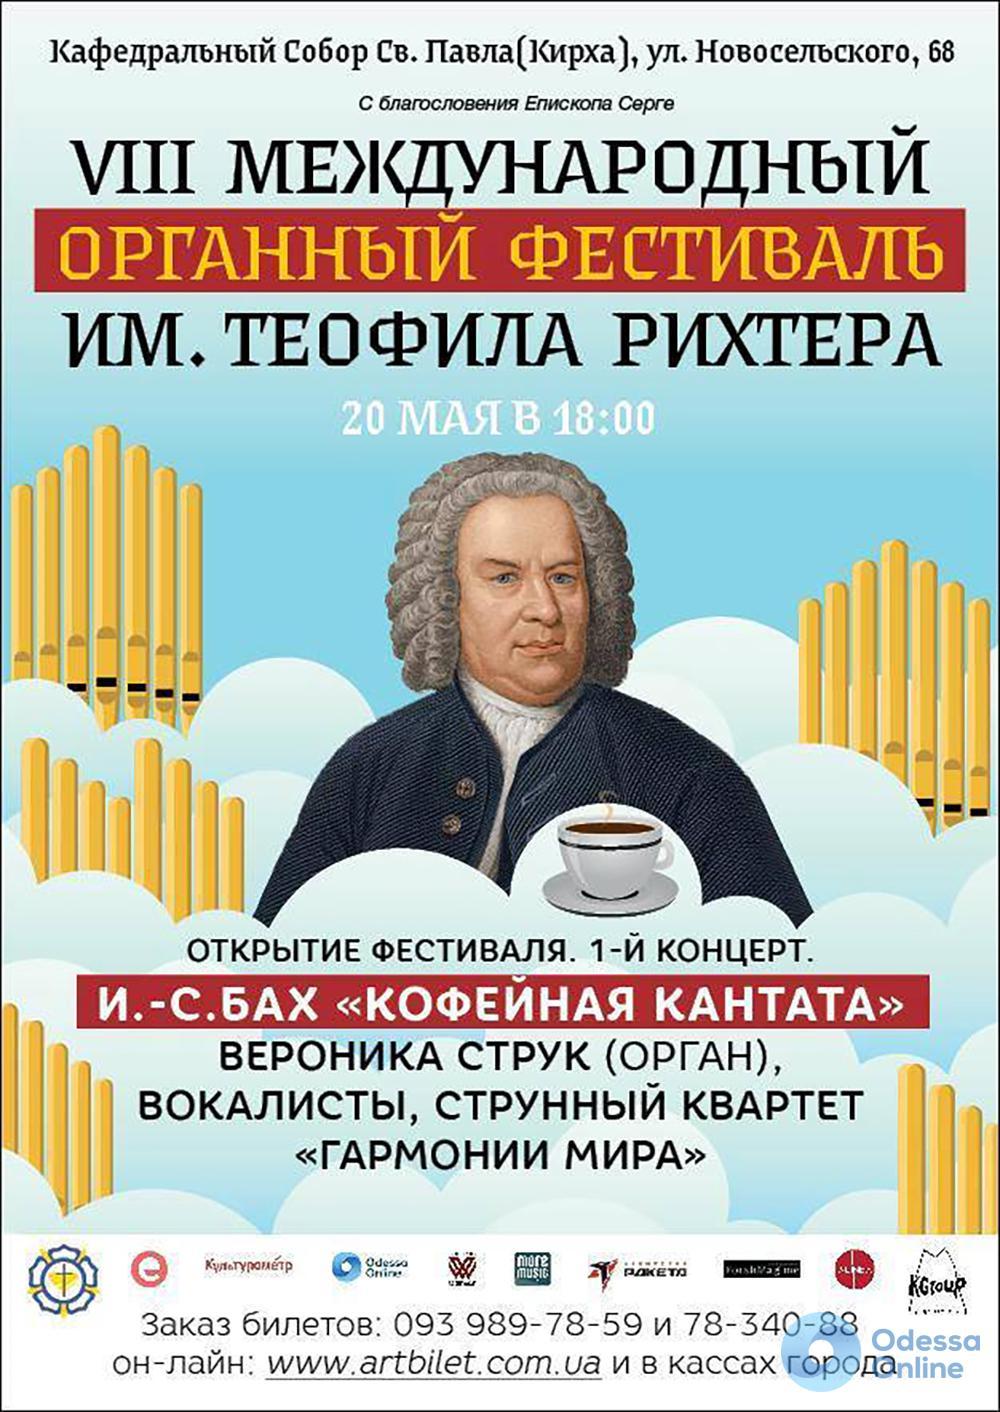 В Одессе стартует органный фестиваль